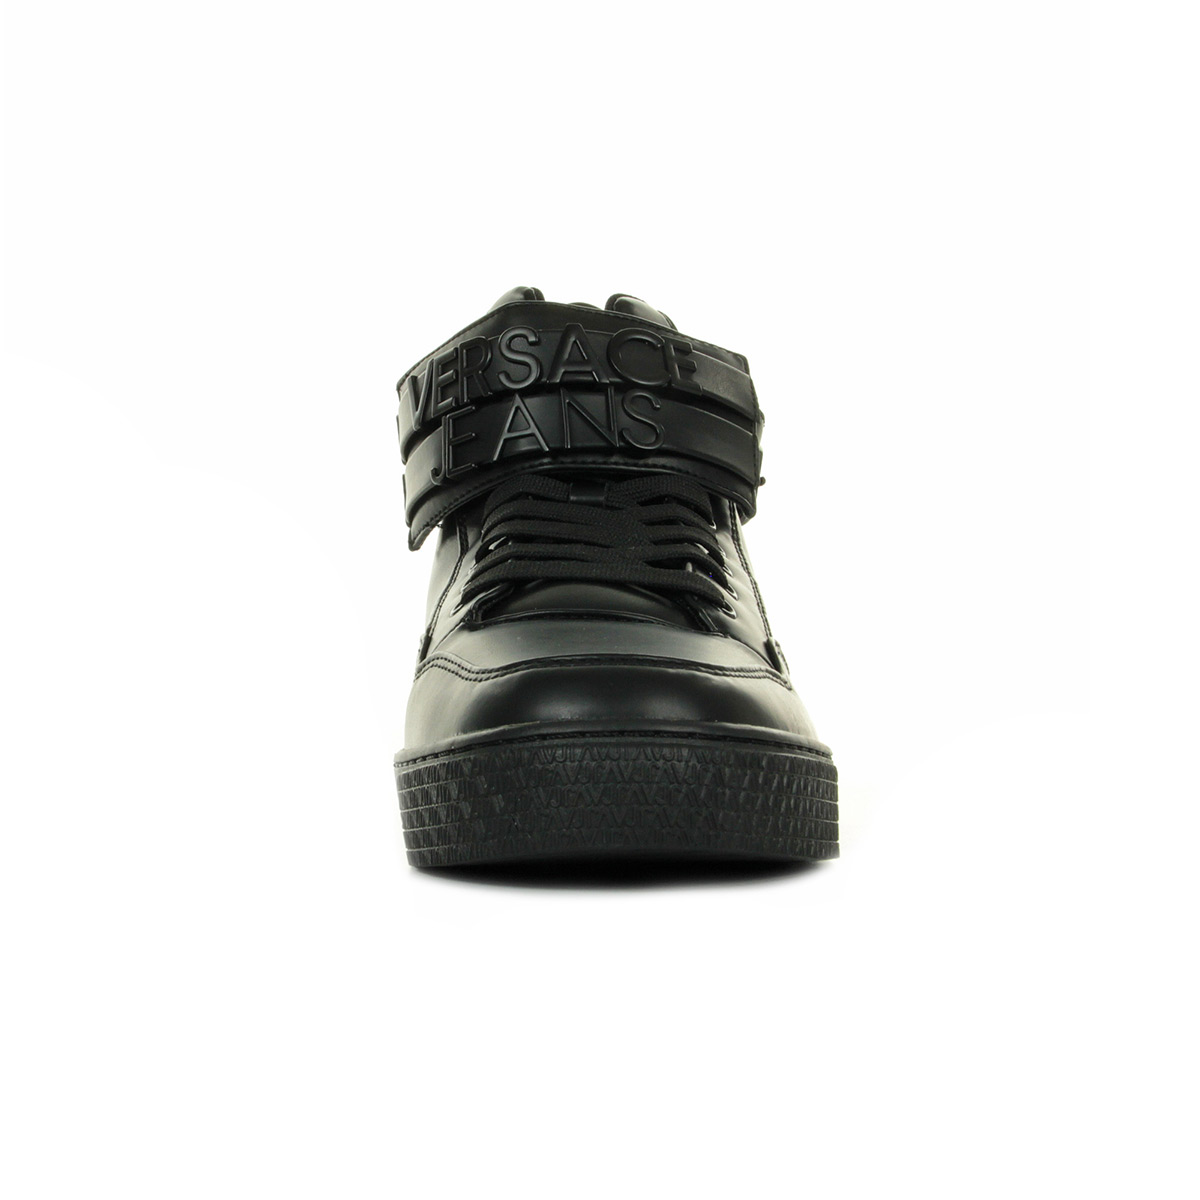 Chaussures Baskets Versace Jeans homme Linea Cassetta Pers Dis 1 ... 317d732efa3